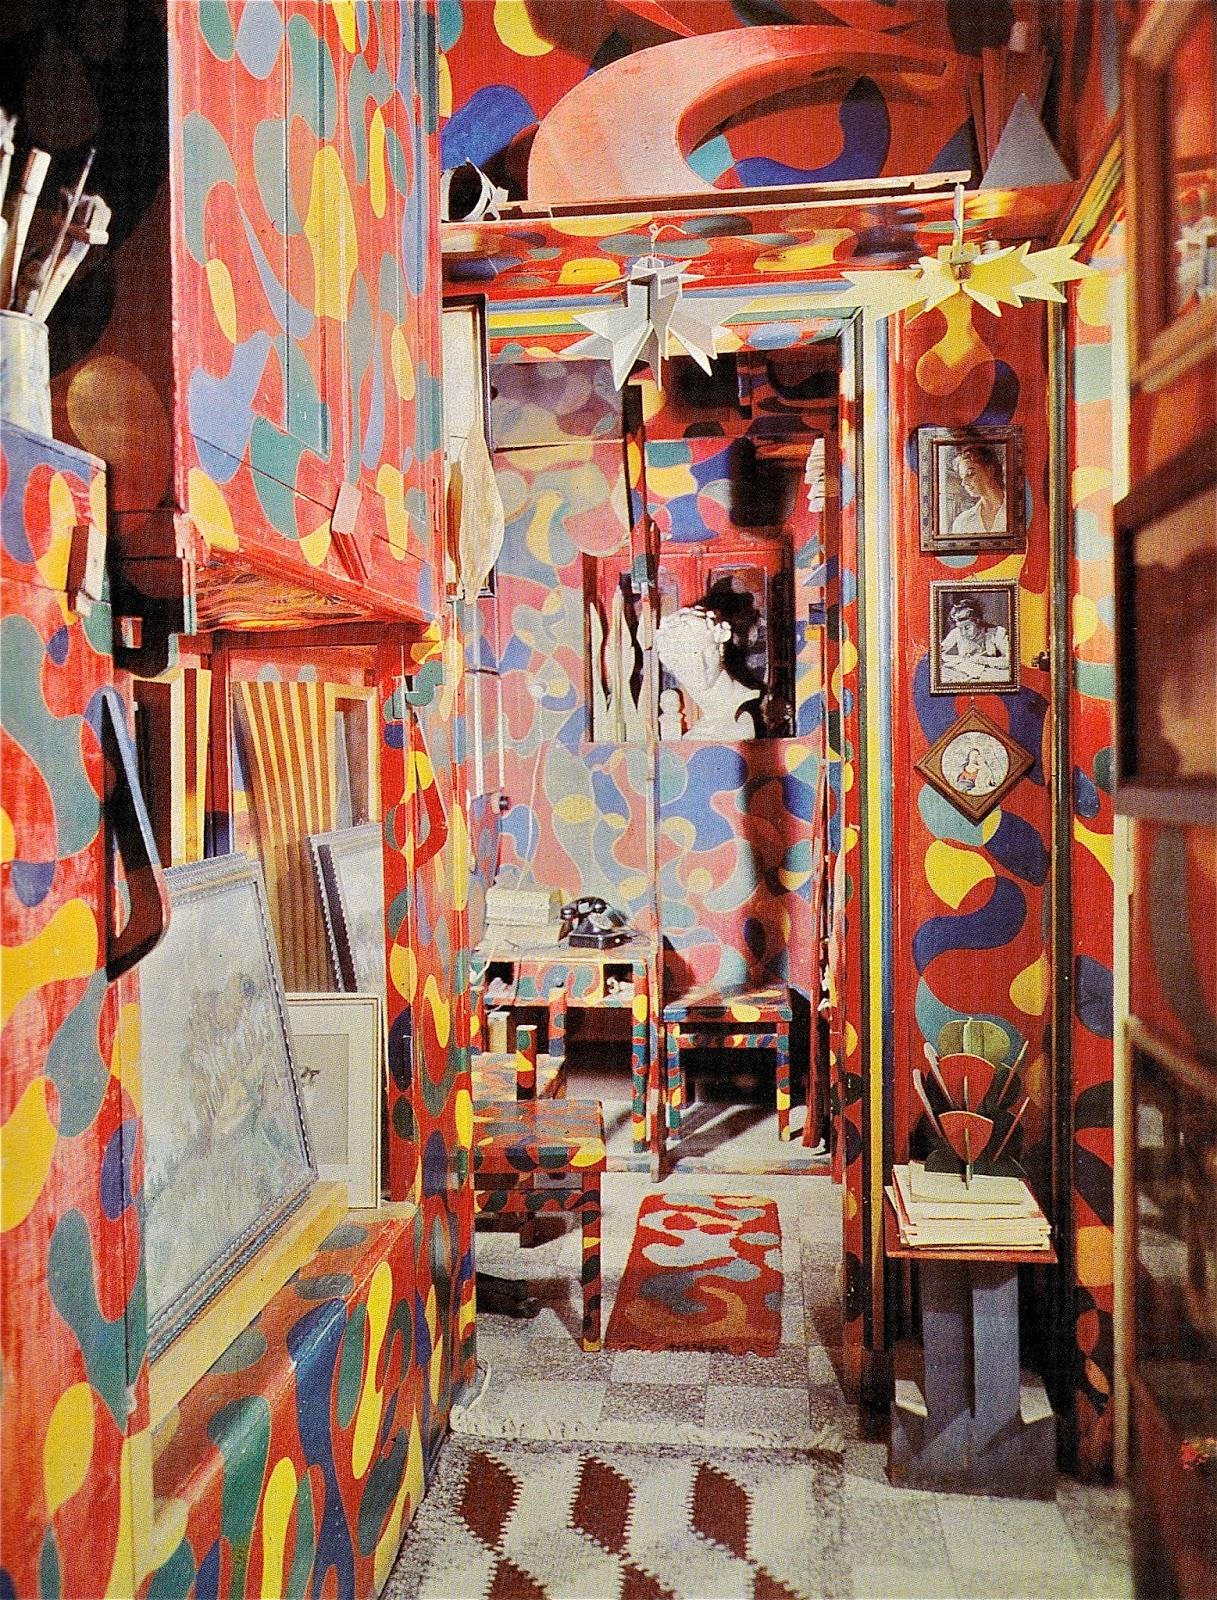 Mondoblogo giacomo balla interior meets google image search for Interior design studio roma